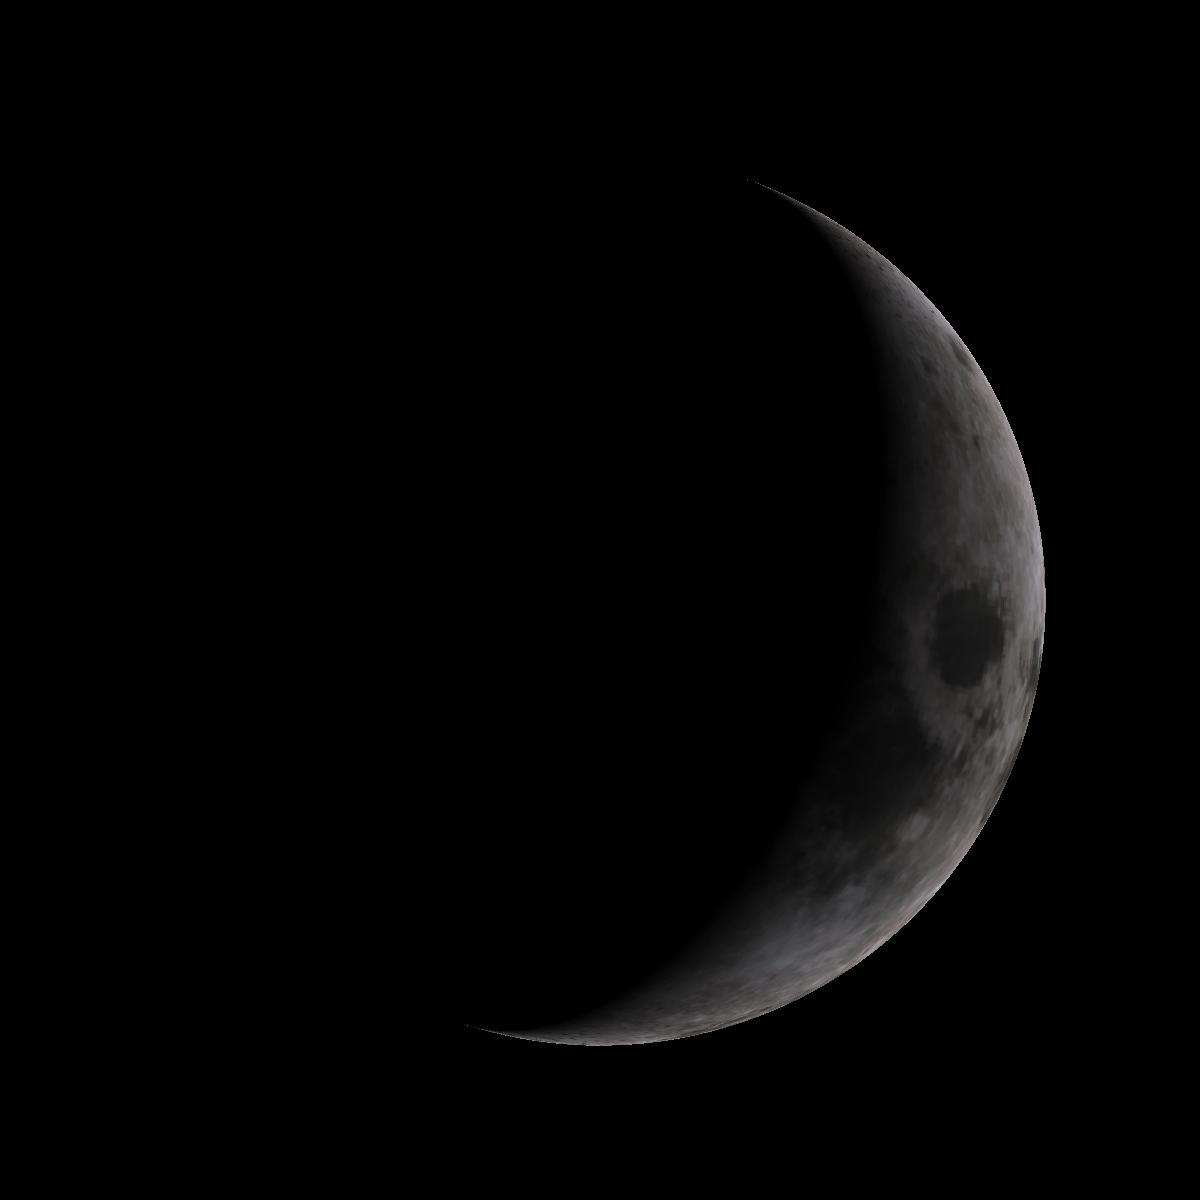 Lune du 31 décembre 2019